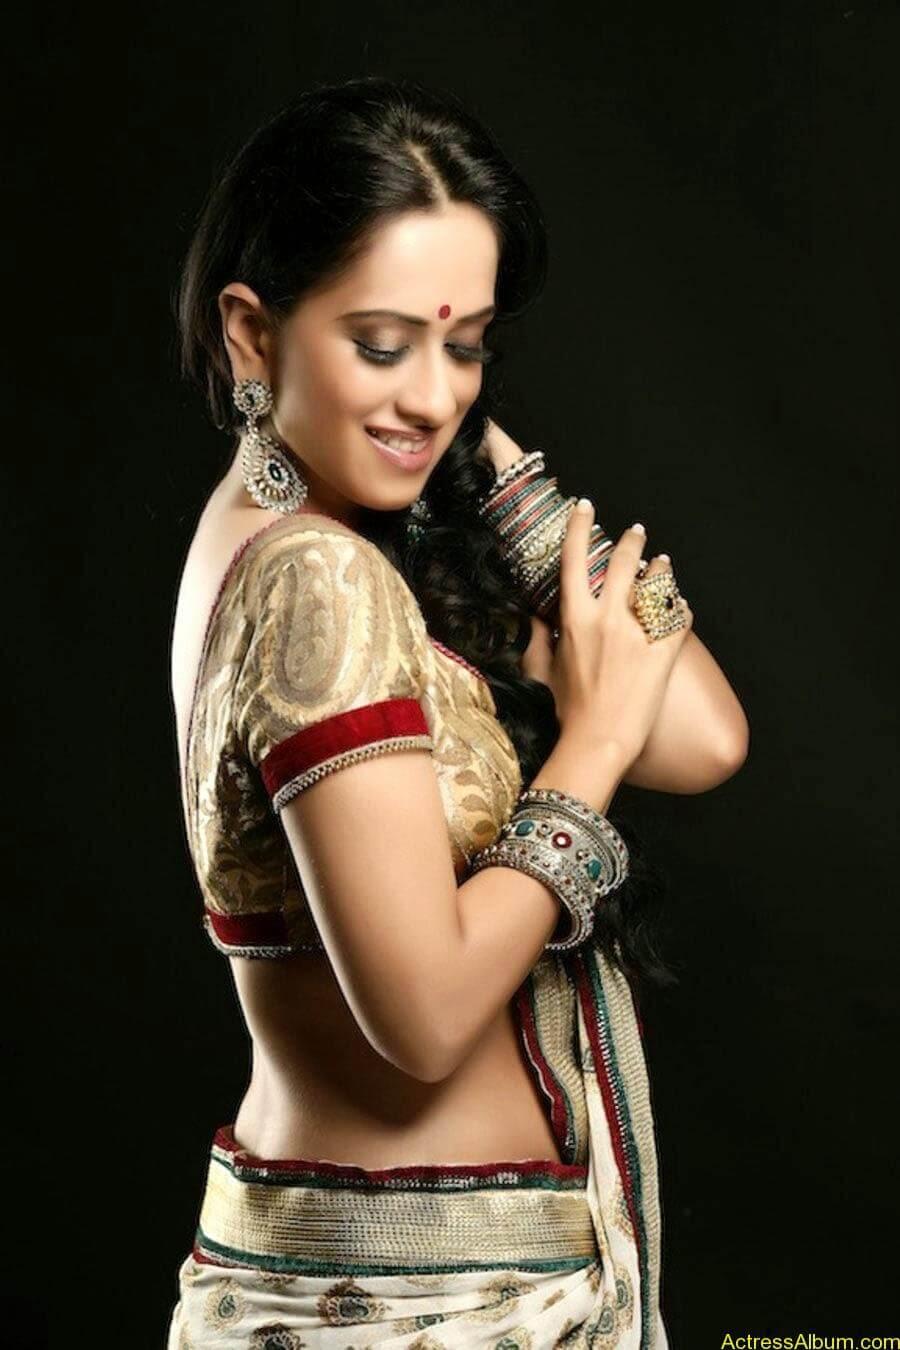 Monali sehgal saree photoshoot 2